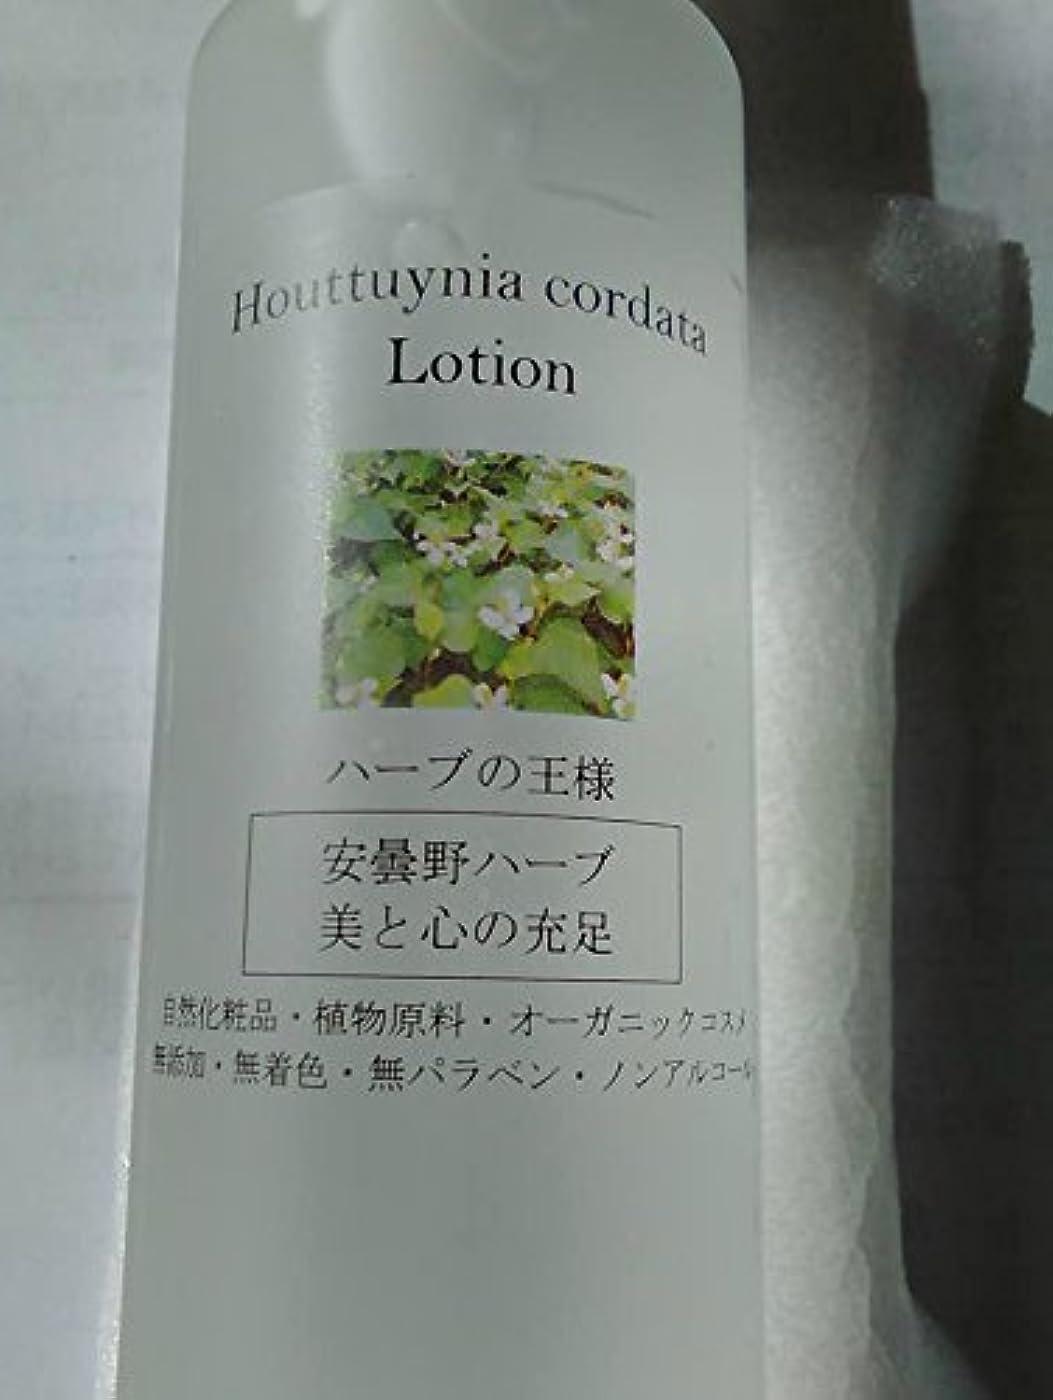 真珠のような敵対的気づく化粧水[Houttuynia cordata Lotion 100ml] 安曇野エコ オリジナル【国産 安曇野産 無農薬どくだみ100%】